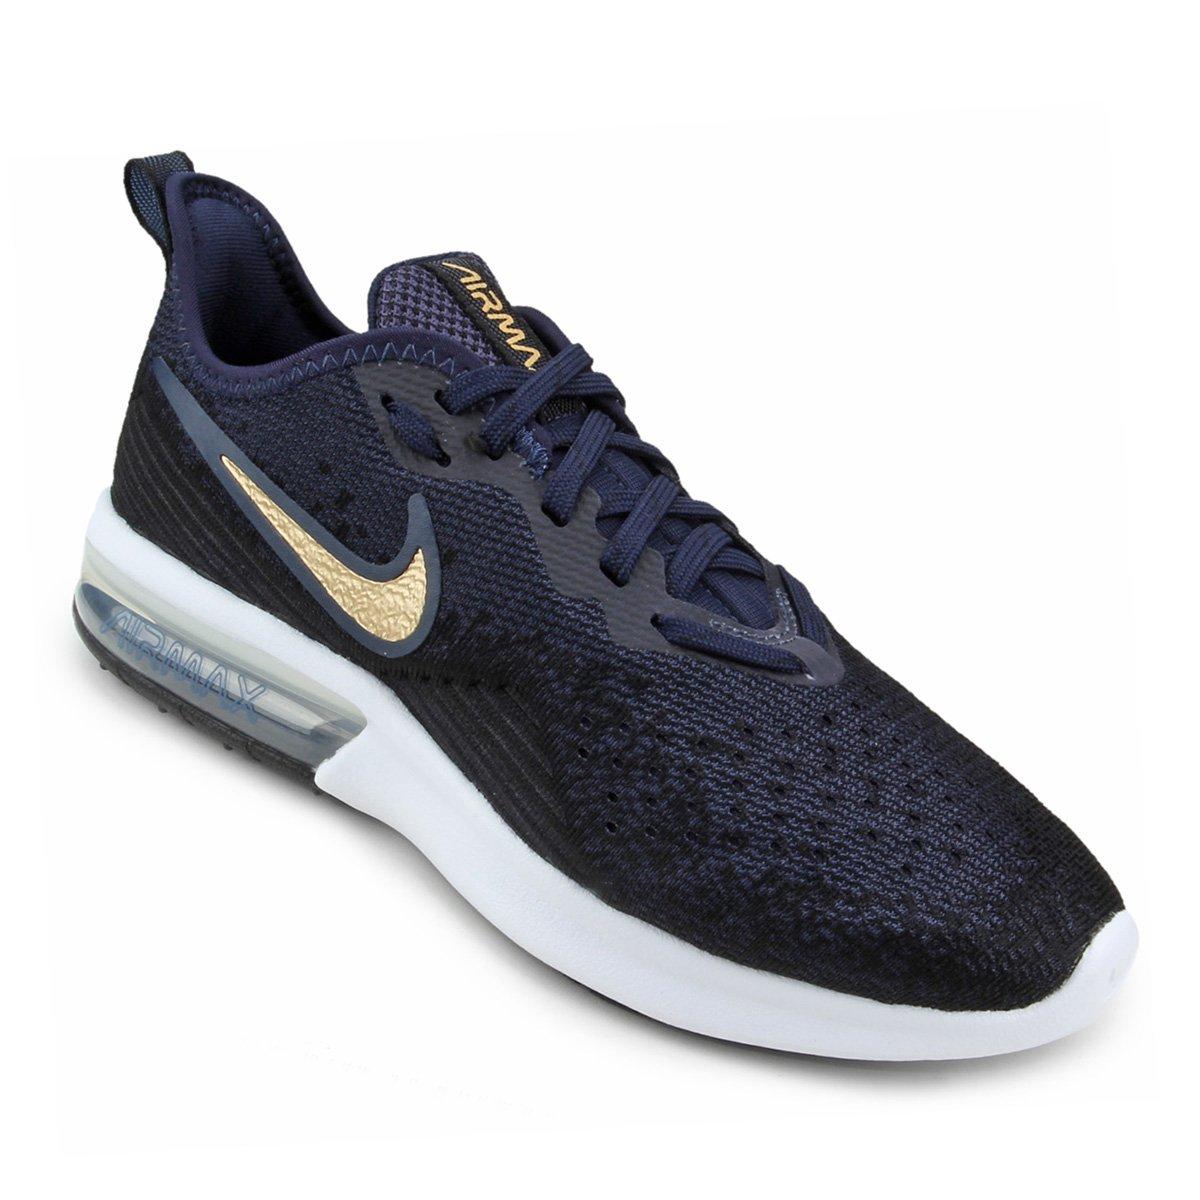 Tênis Nike Air Max Sequent 4 Feminino Preto E Azul